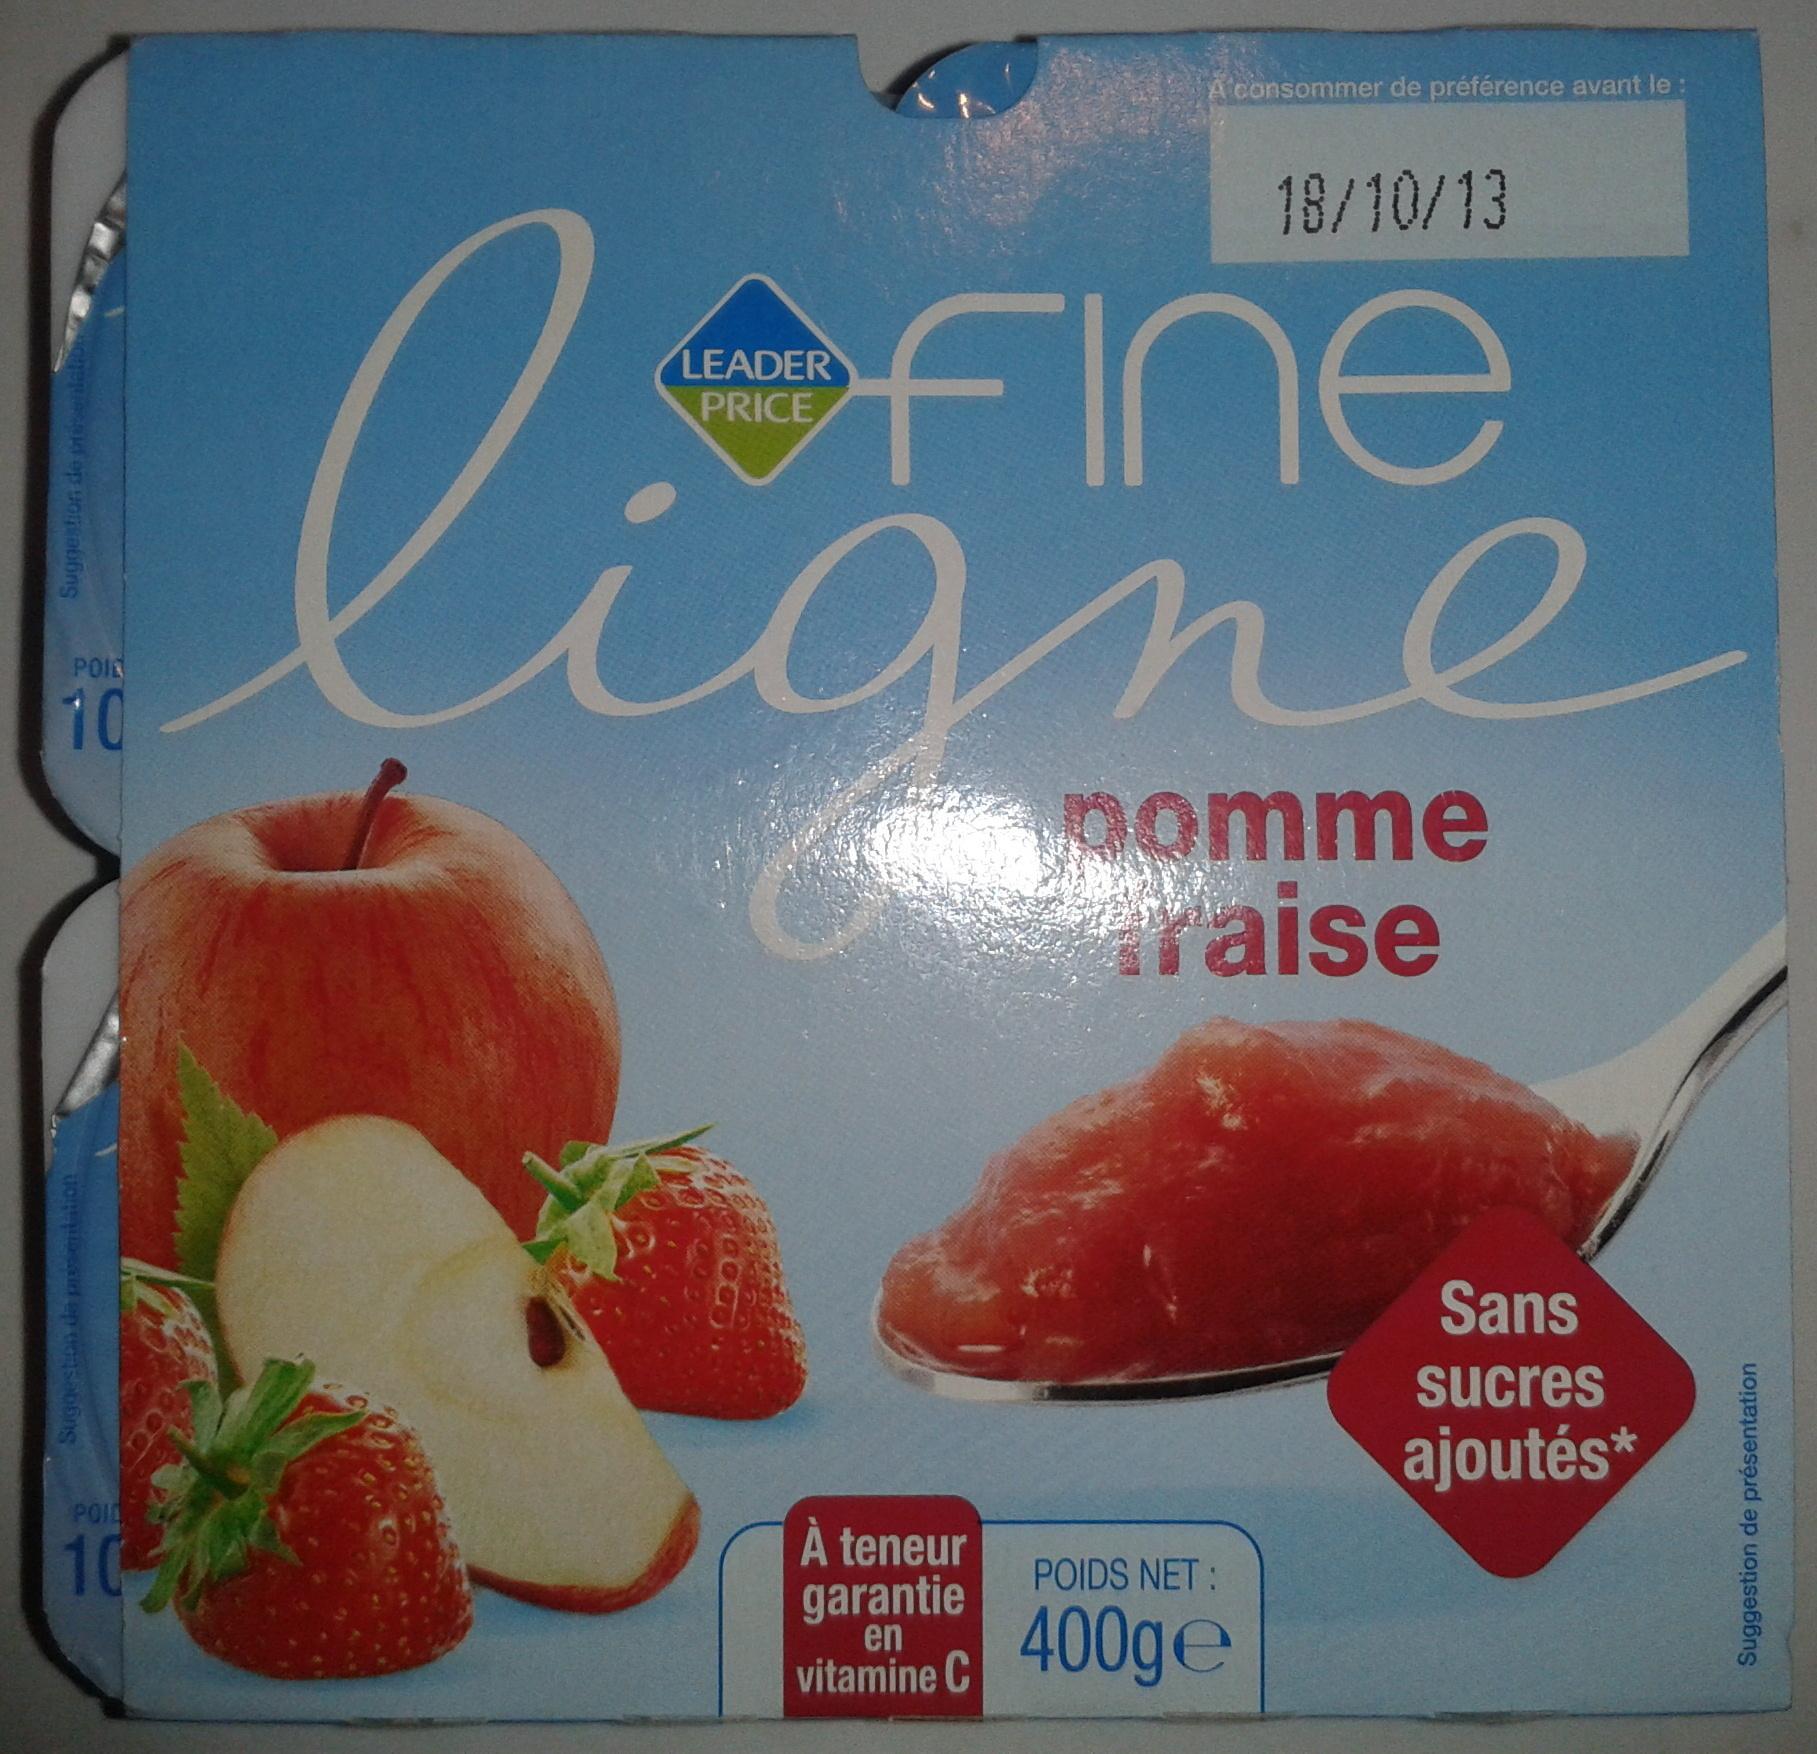 Fine ligne pomme fraise 400 g - Product - fr